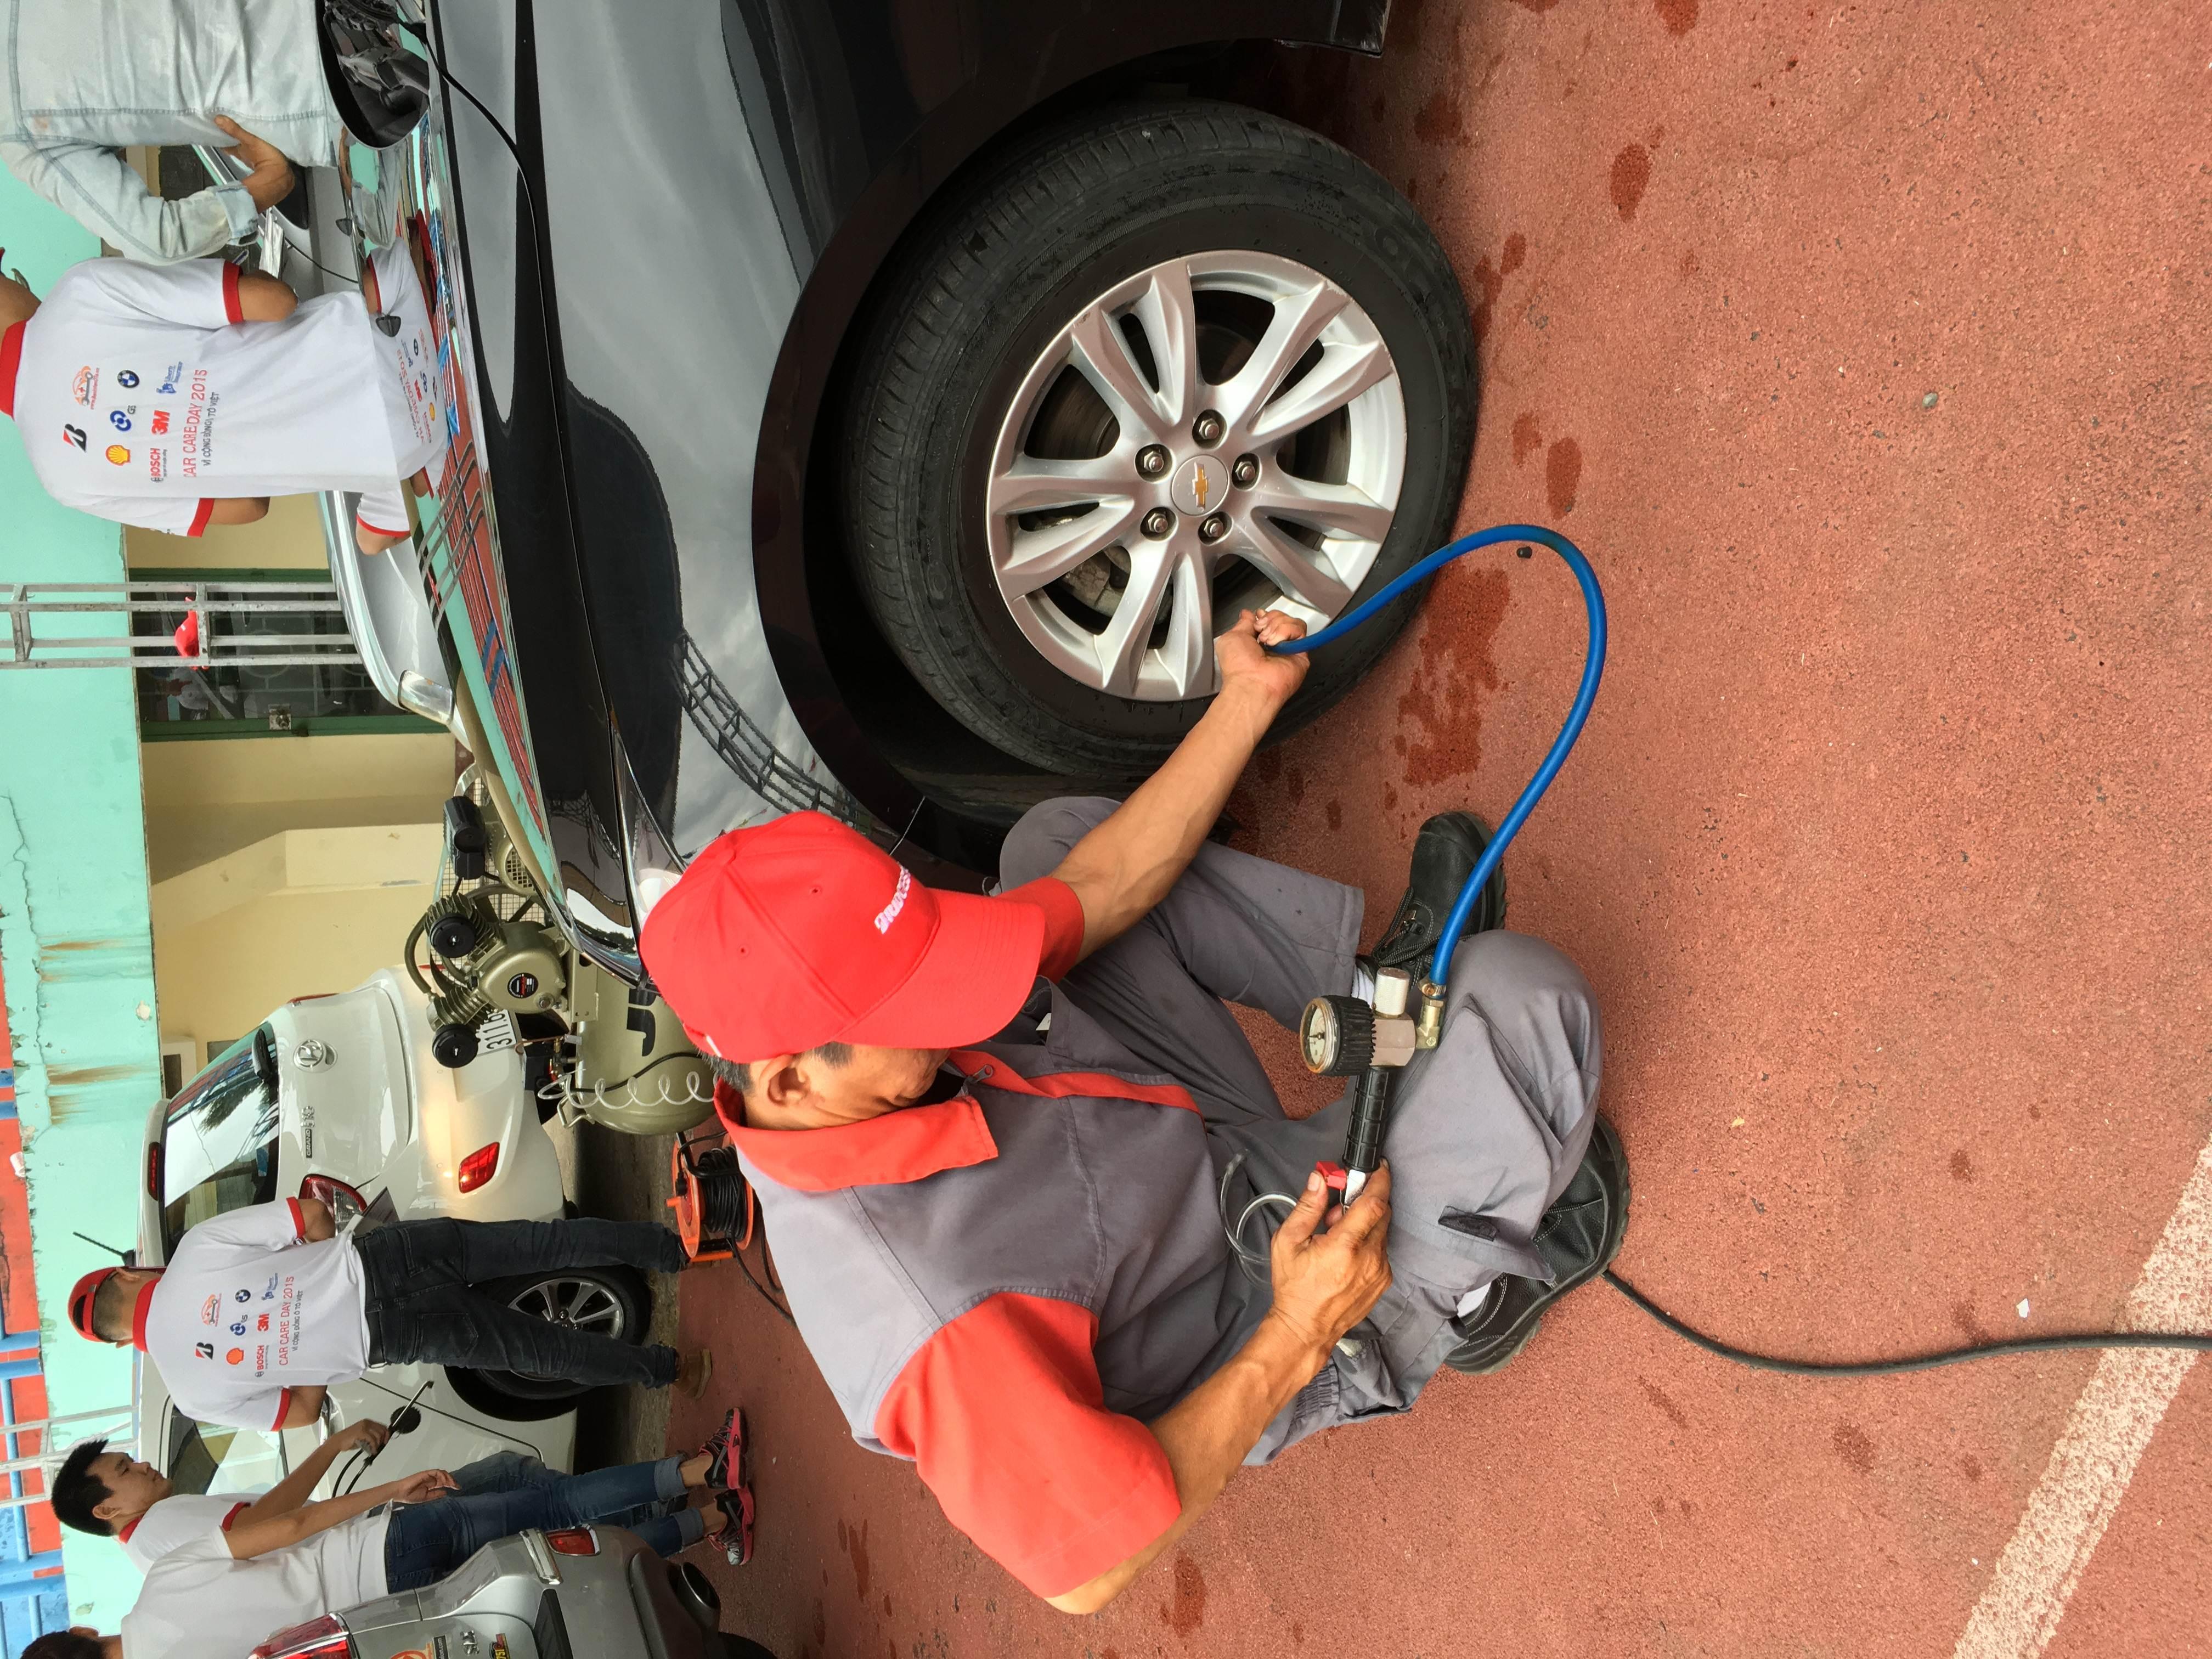 B-SHOP YẾN PHONG THAM GIA NGÀY HỘI CARE CAR DAY 2015